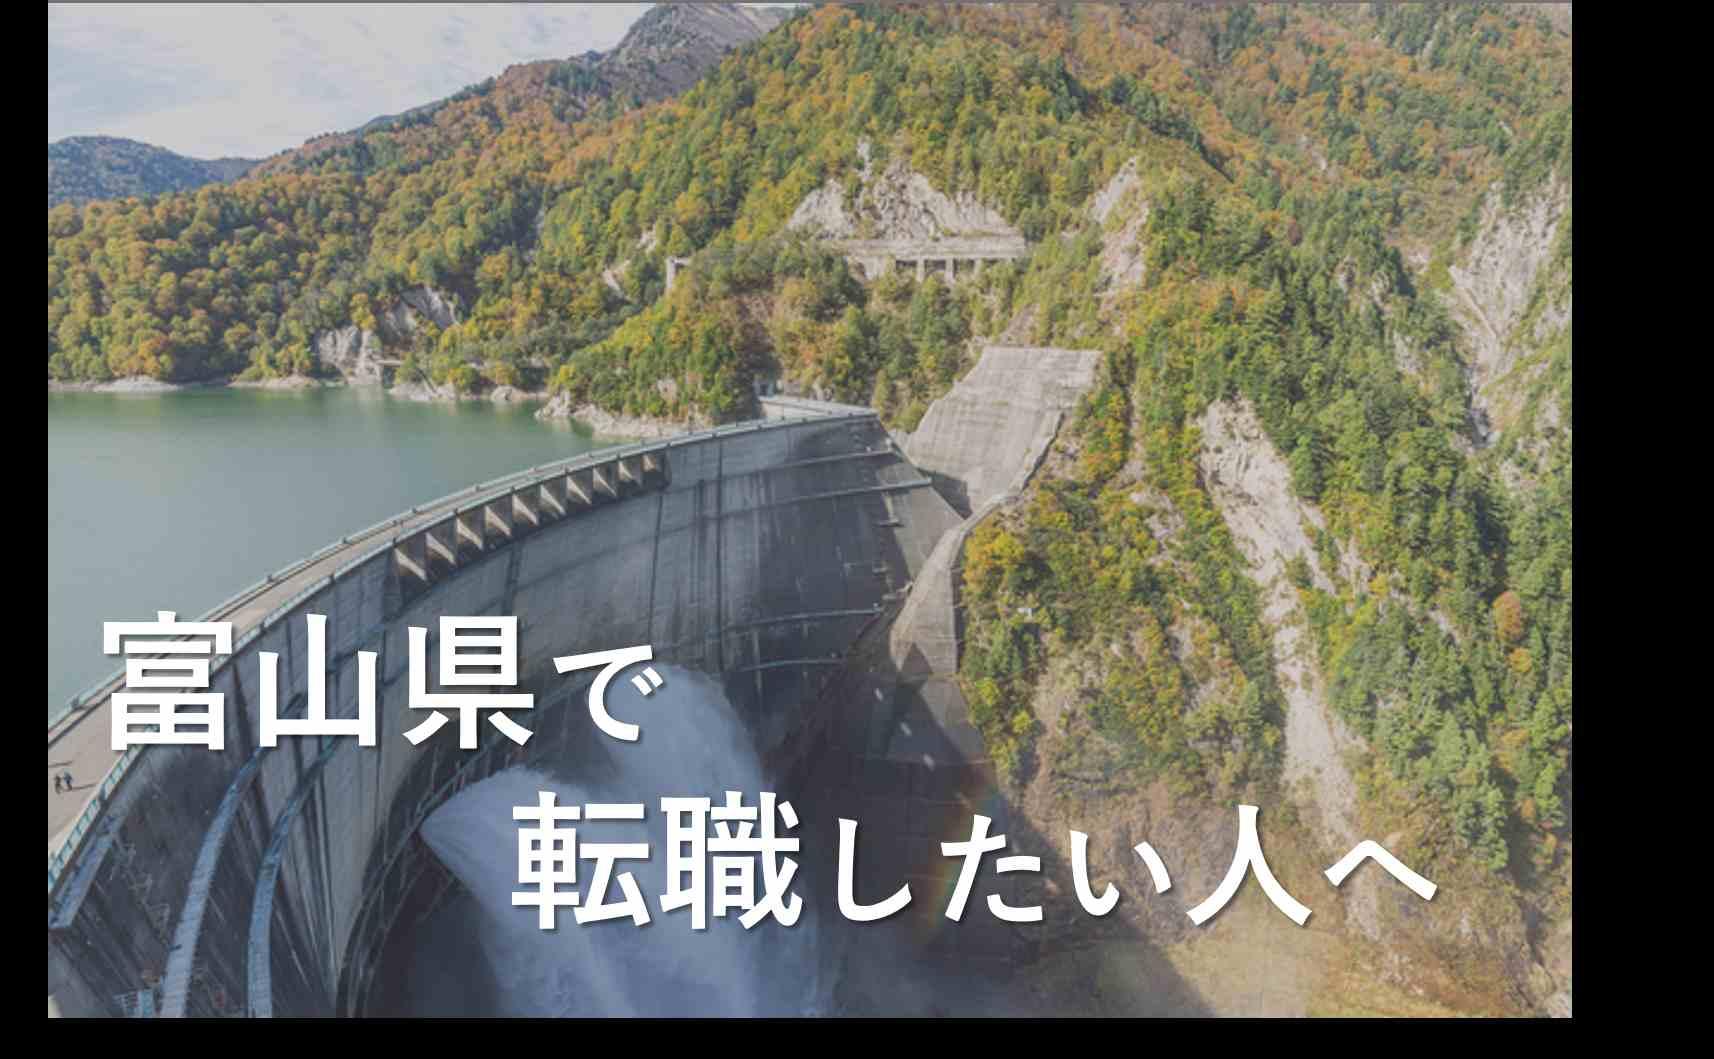 石川への転職や移住に役立つアドバイス